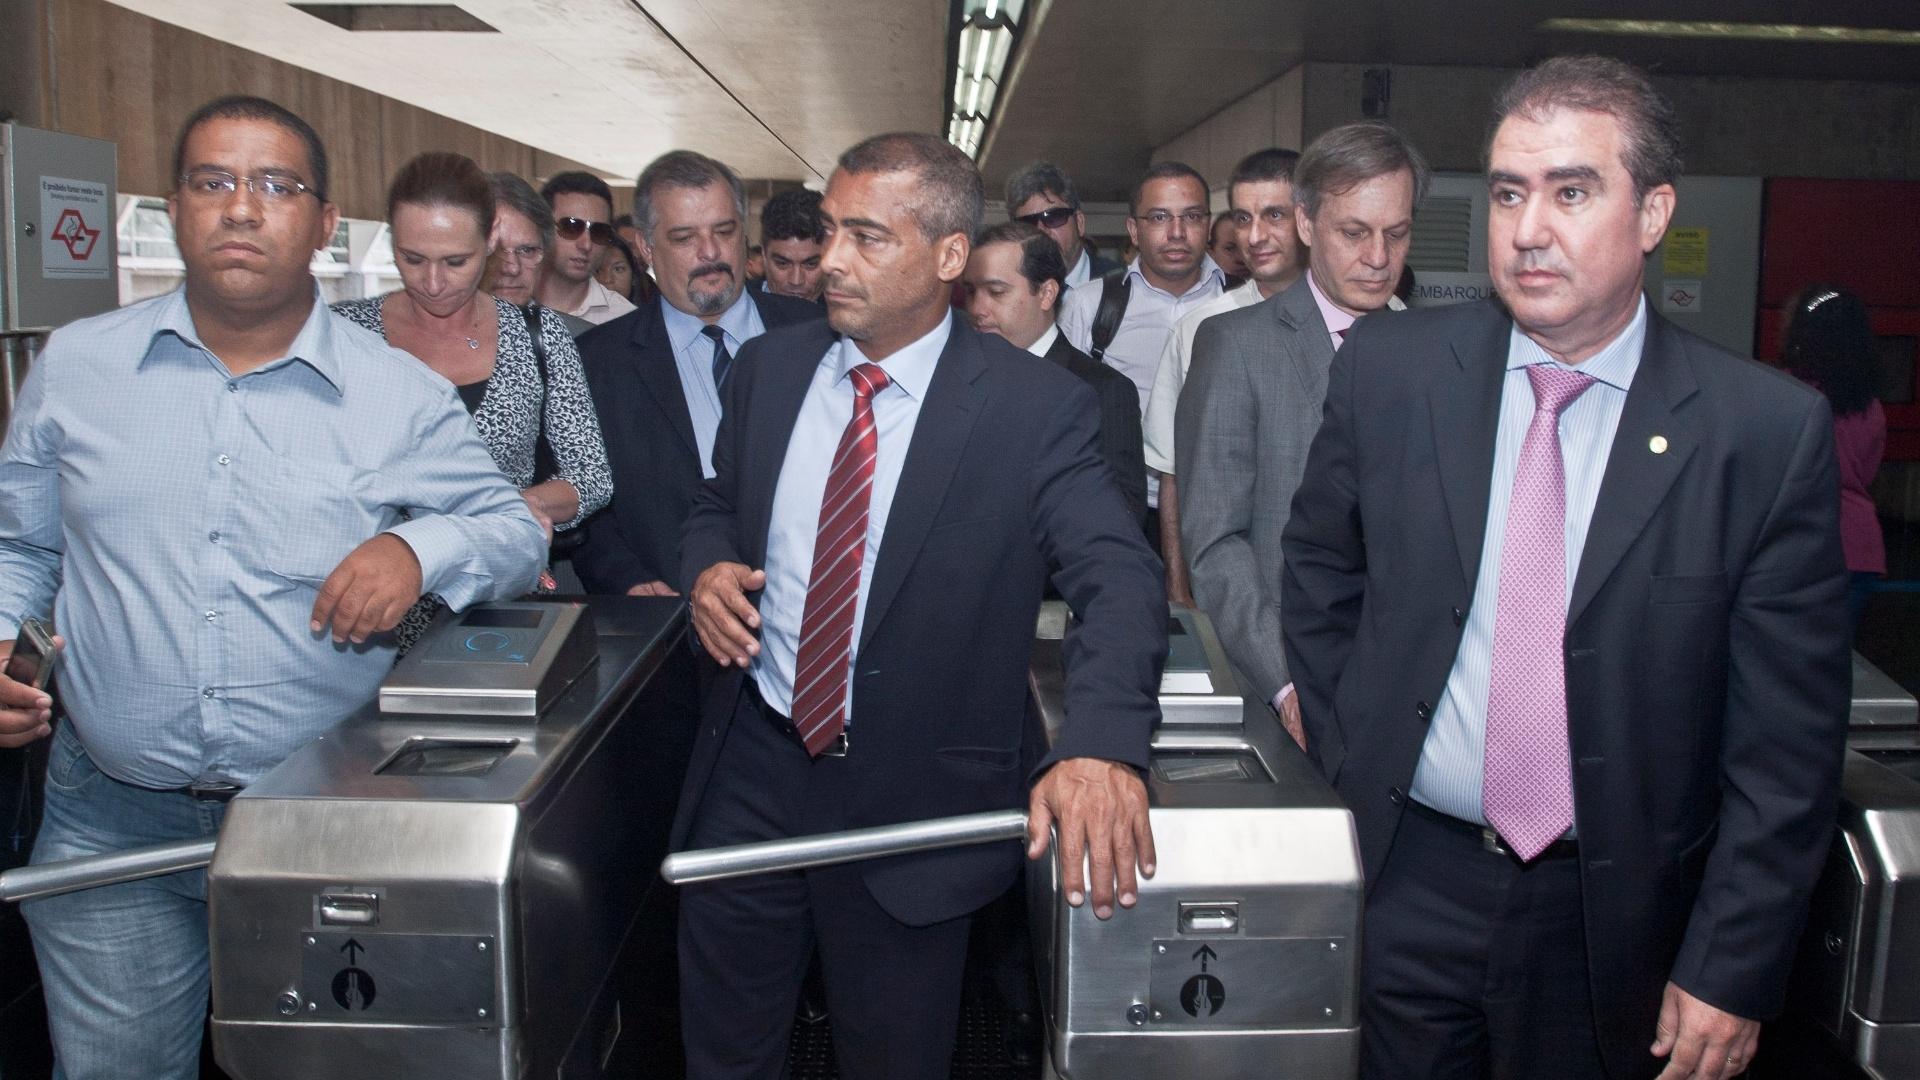 Juntamente com comissão de parlamentares, Romário foi de trem visitar obras do Itaquerão (07/11/2011)